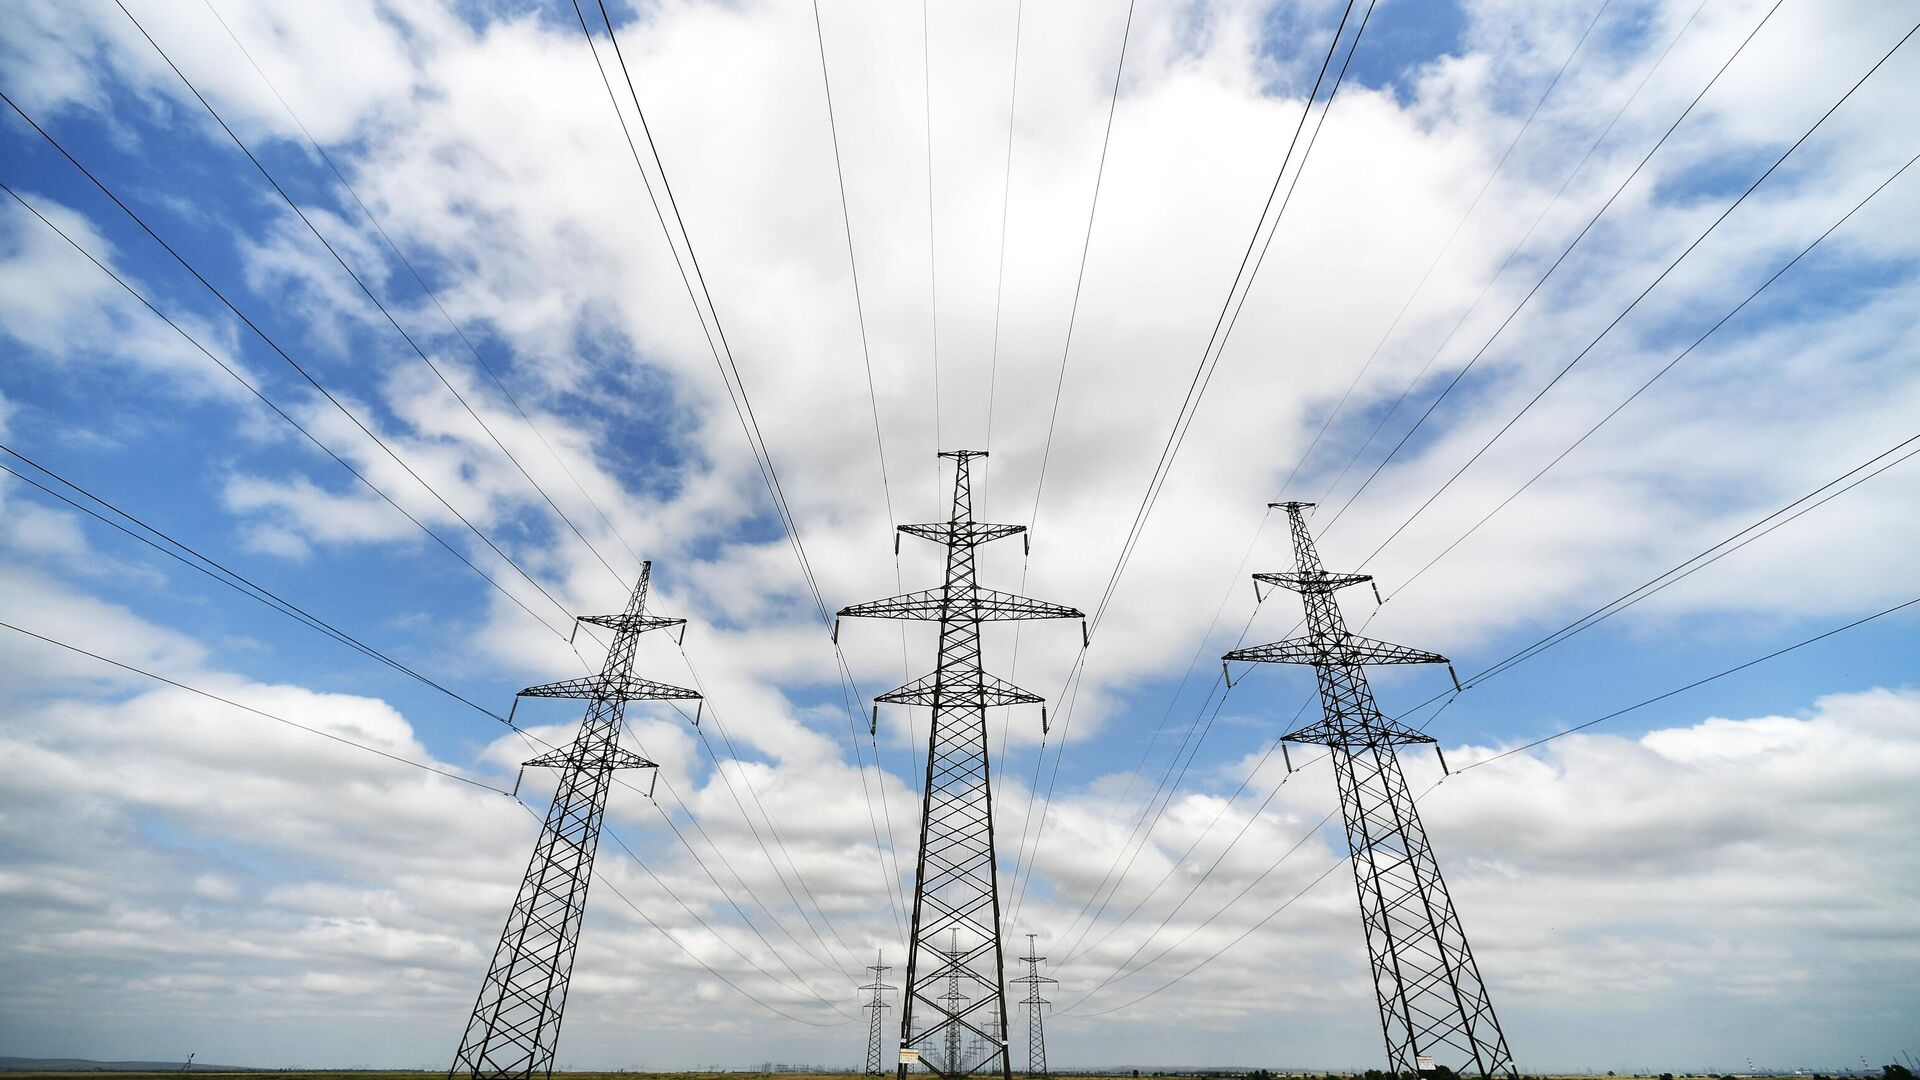 Эксперт оценил вероятность украинского сценария в российской энергетике